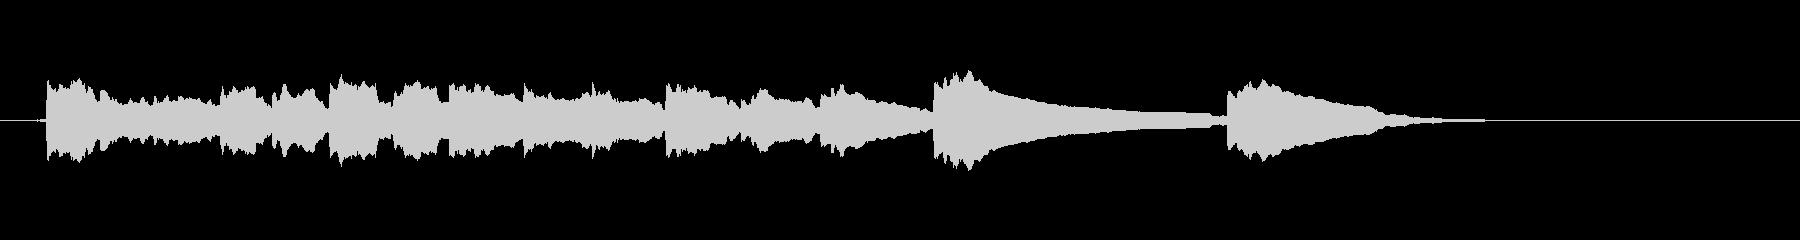 エレキギター3弦チューニング1リバーブの未再生の波形